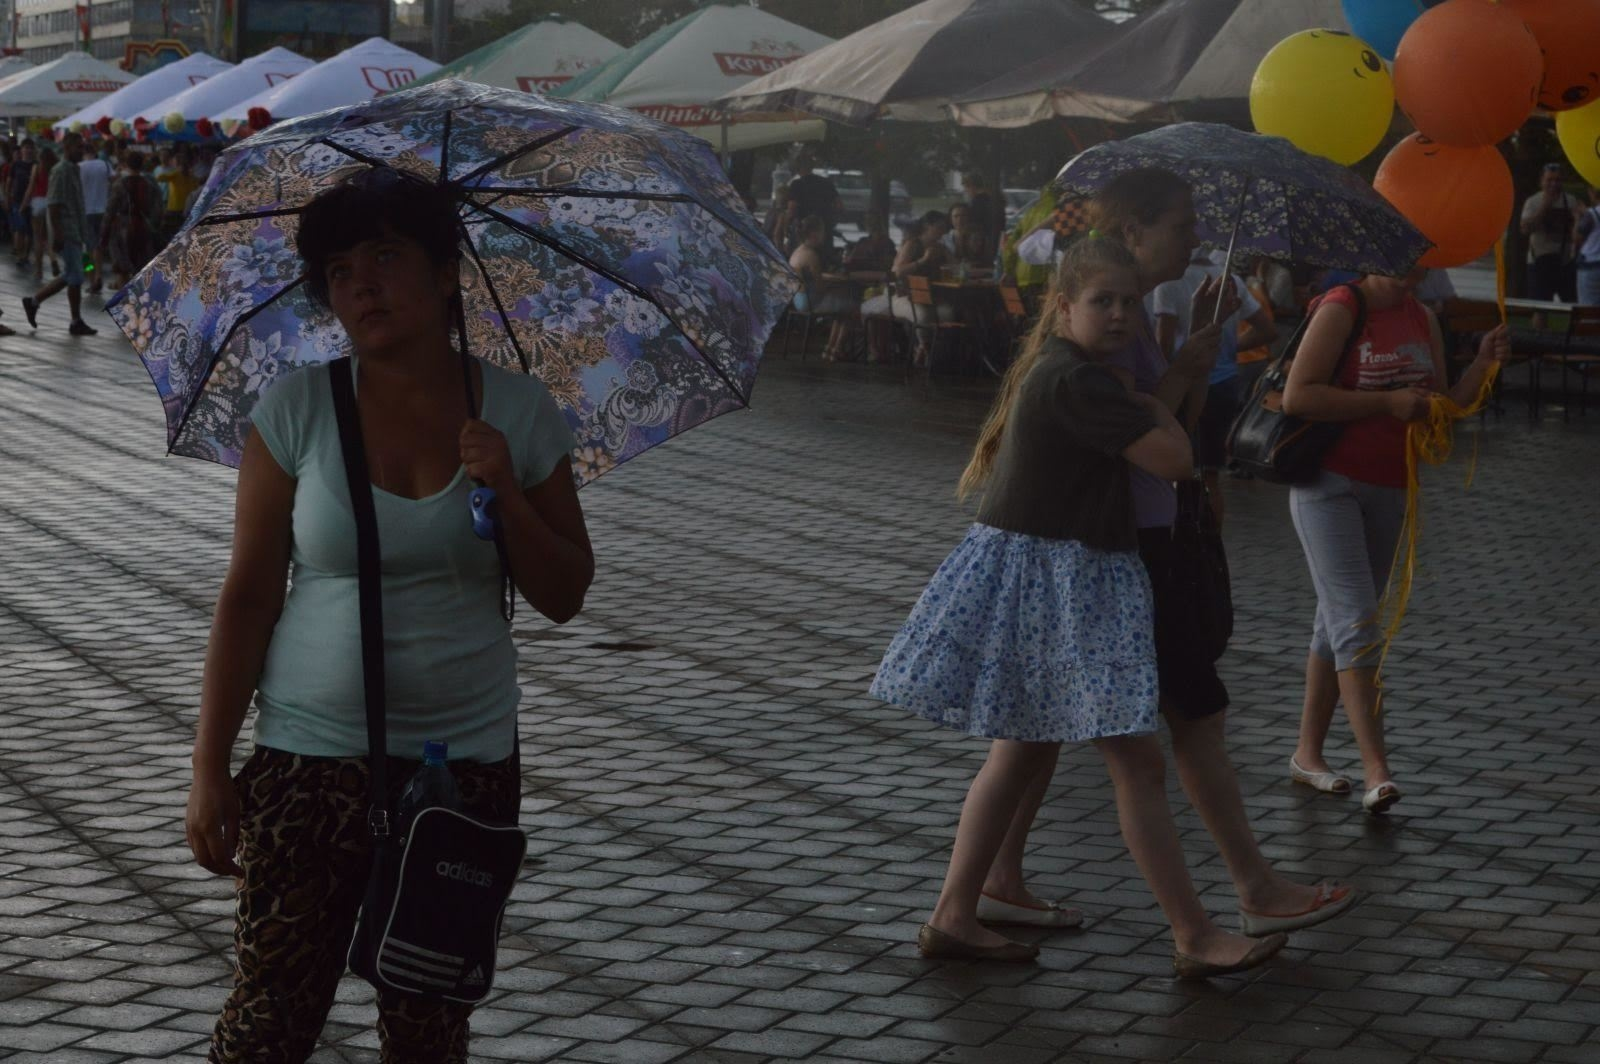 Секс под дождем тема 4 фотография